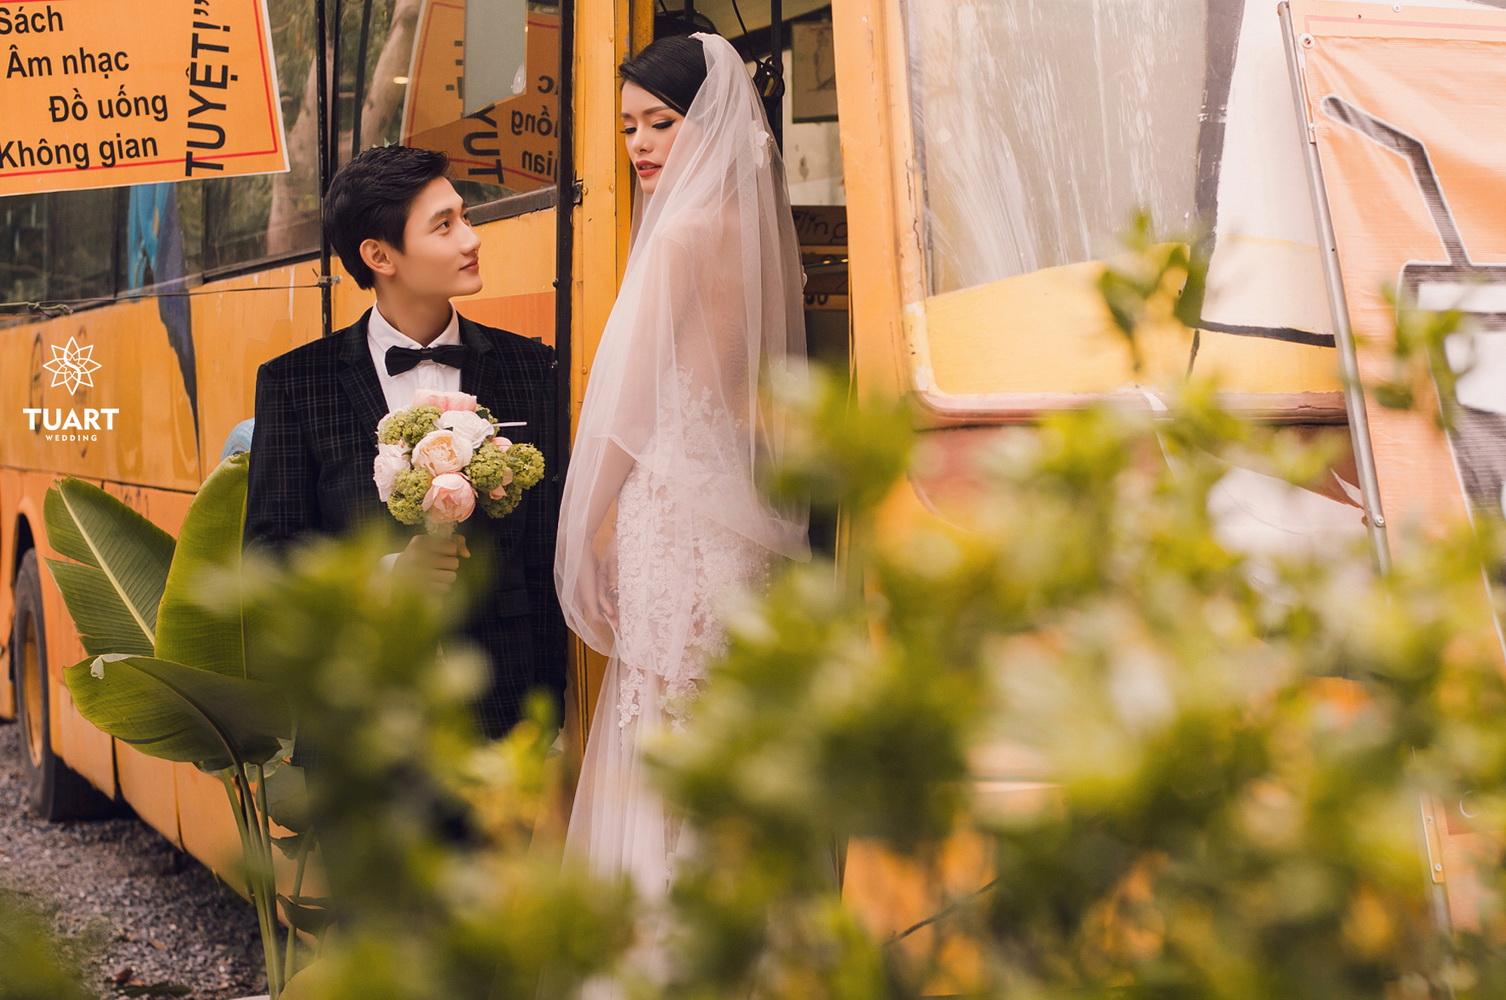 Album chụp ảnh cưới đẹp thành phố xanh Ecopark 33